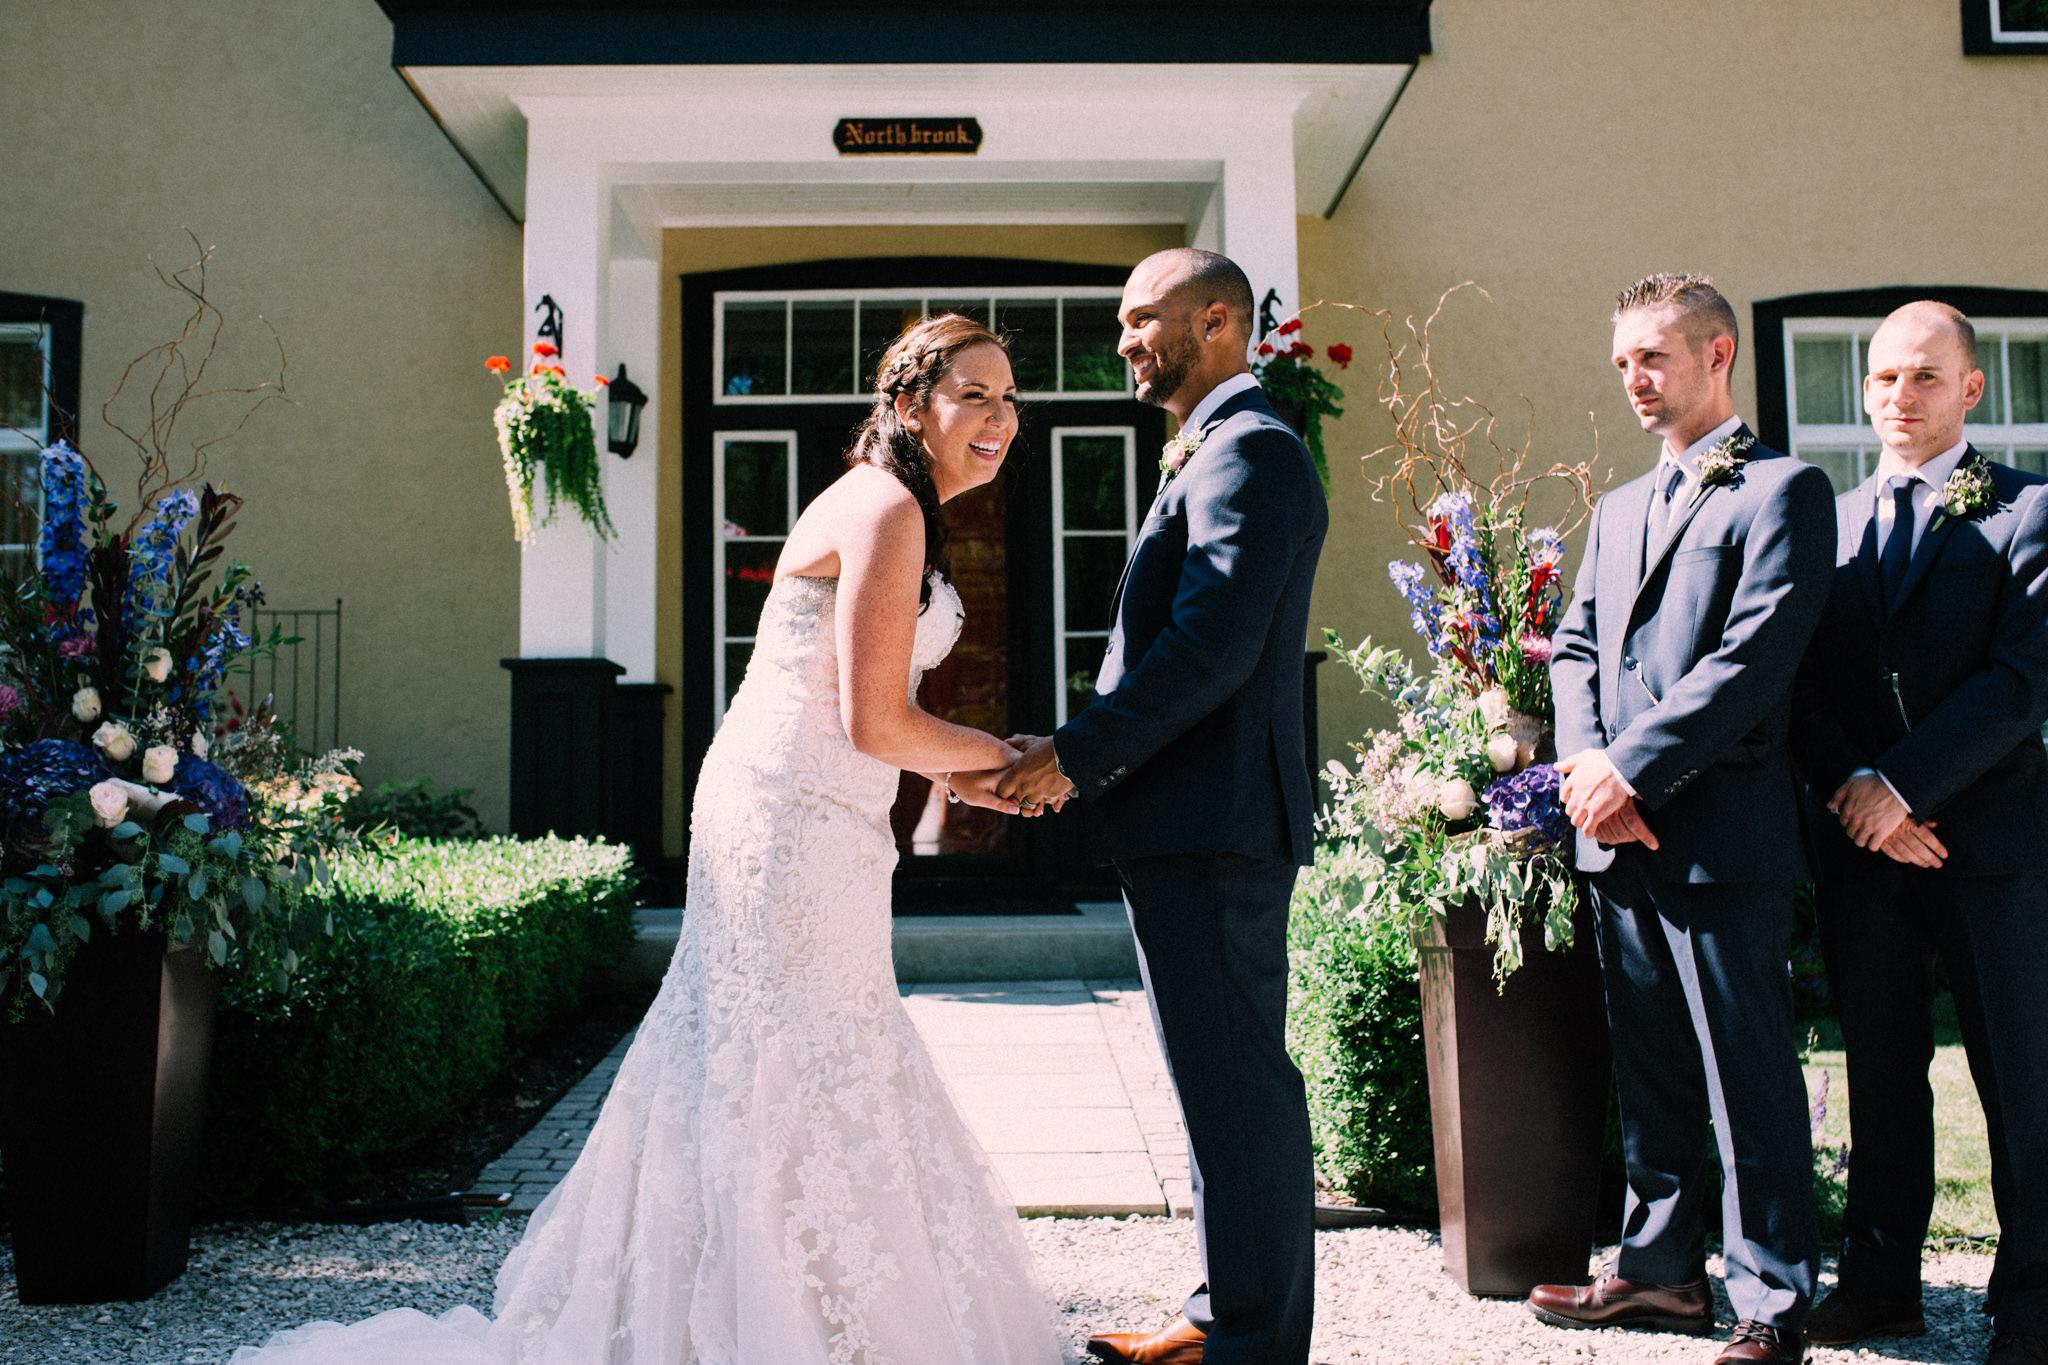 Orillia summer wedding at Northbrook Farms by Max Wong Photo (27)